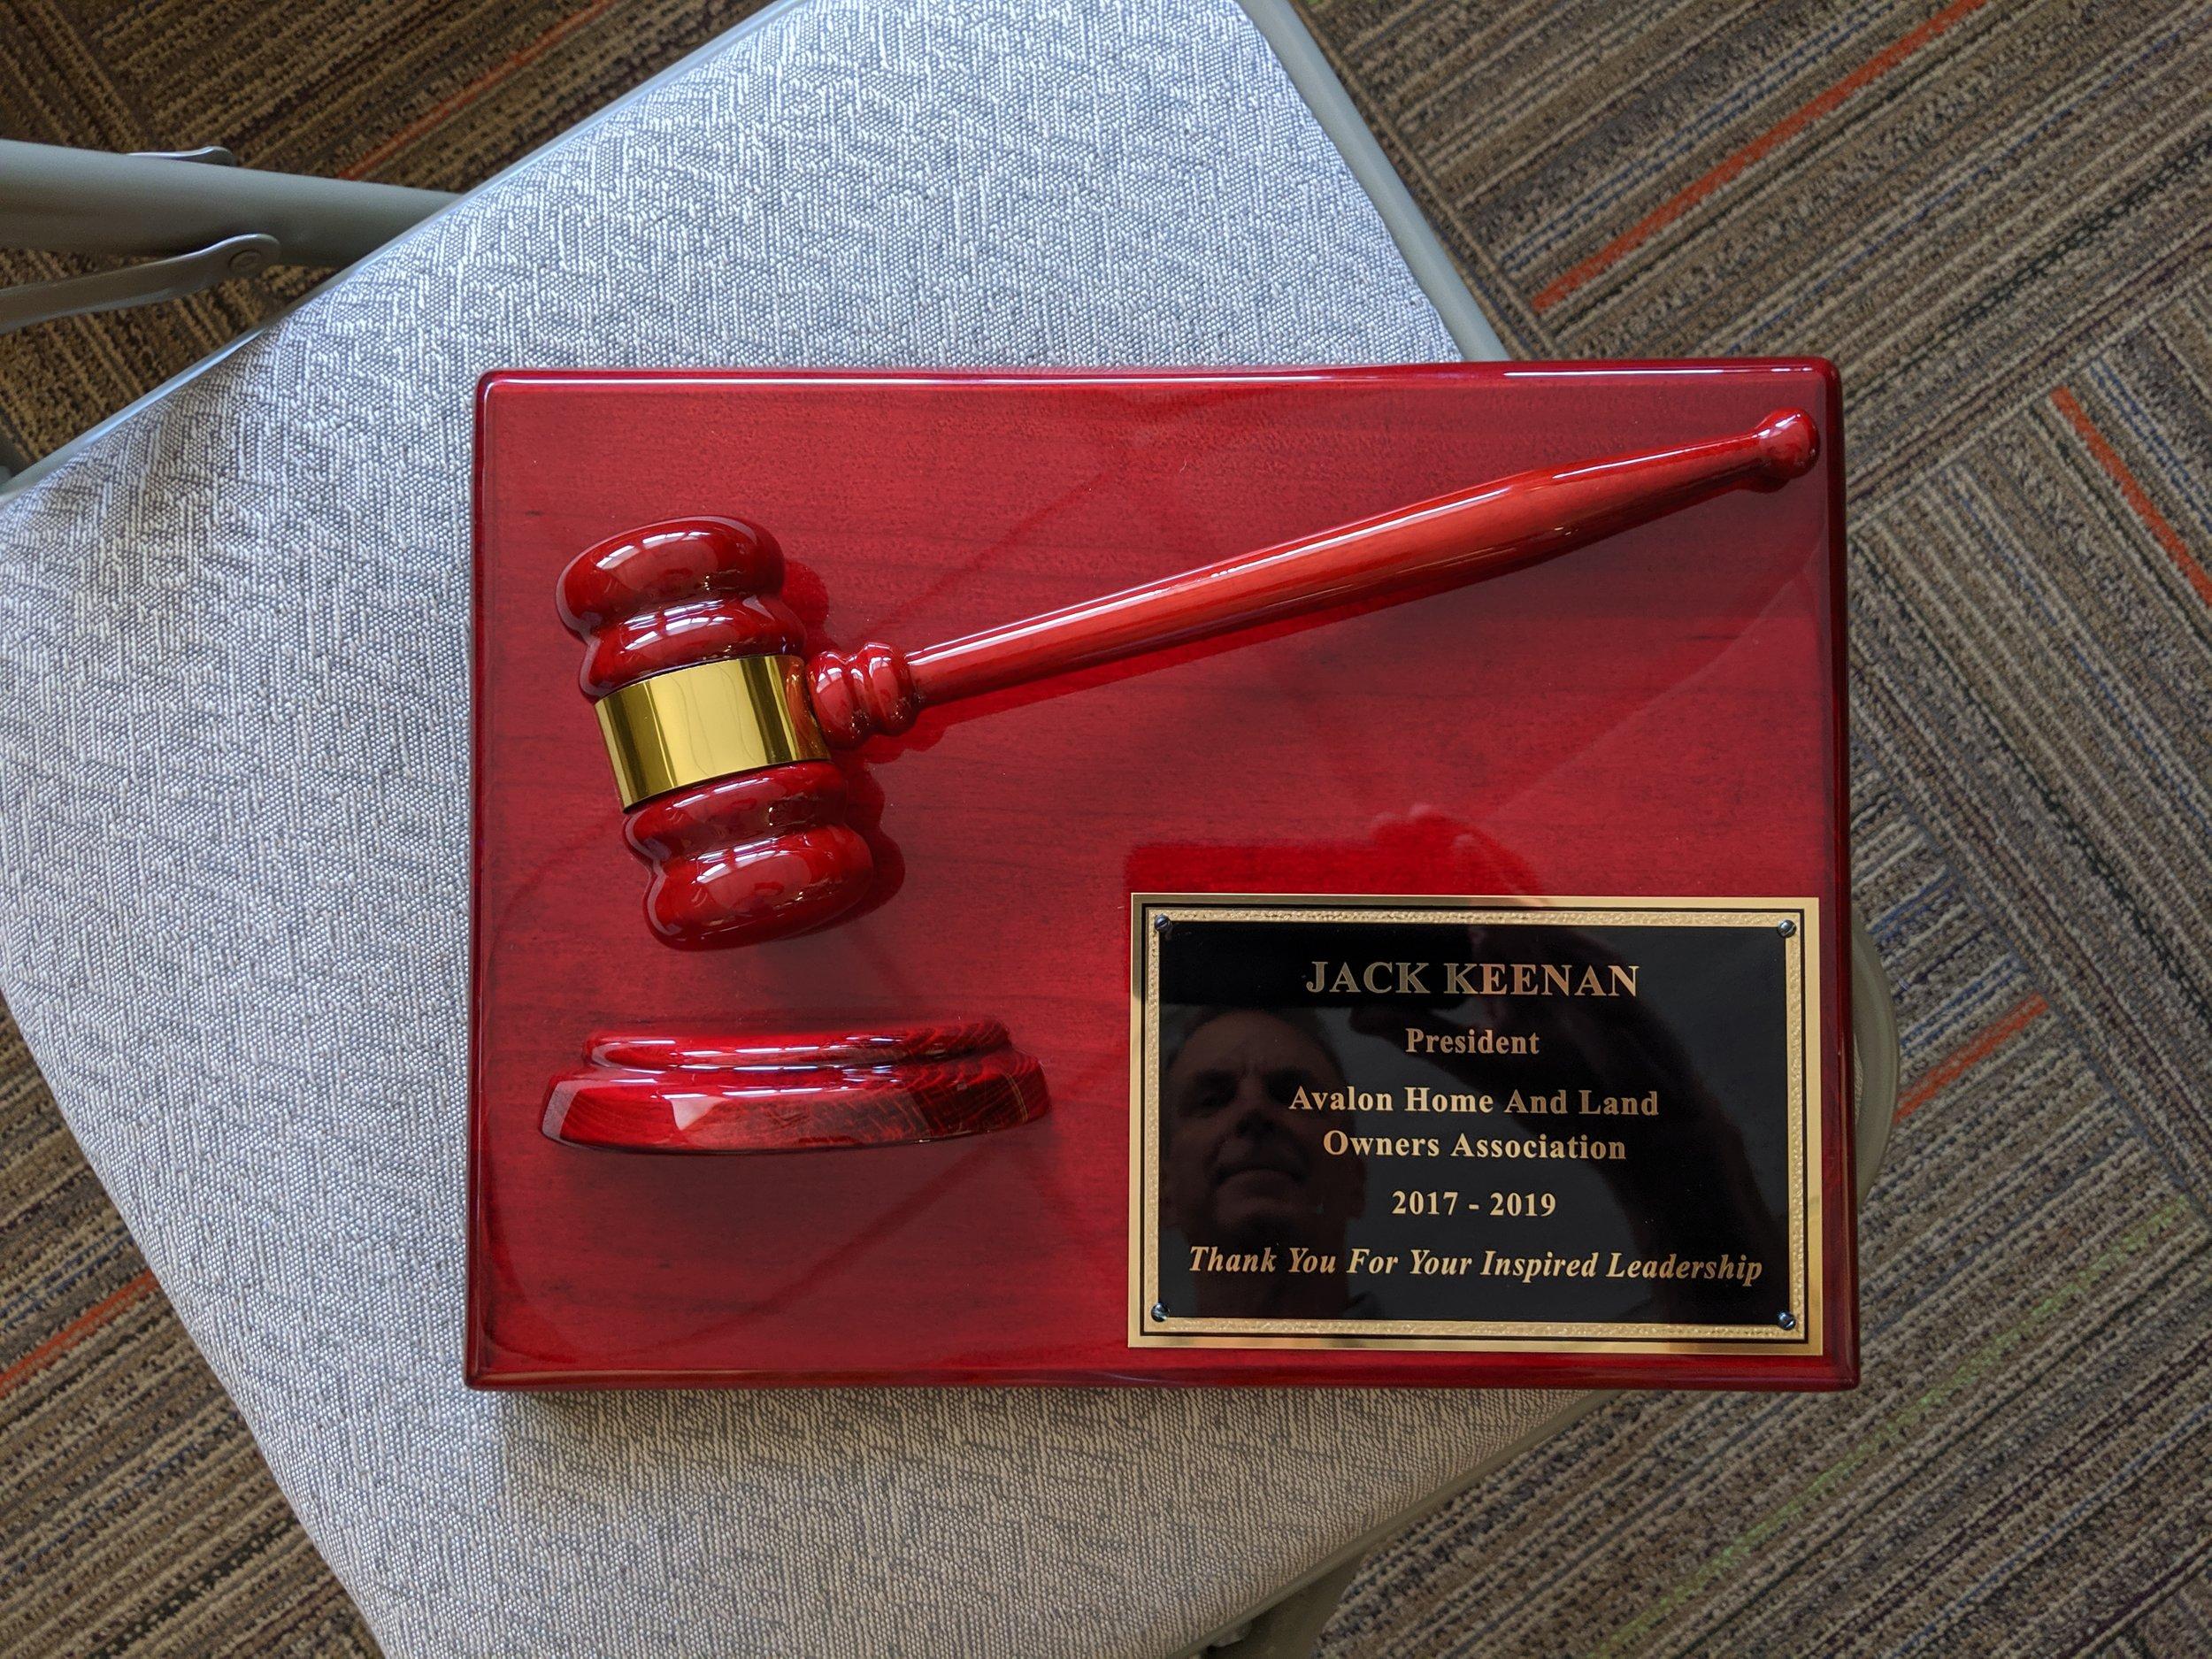 Jack Keenan's plaque